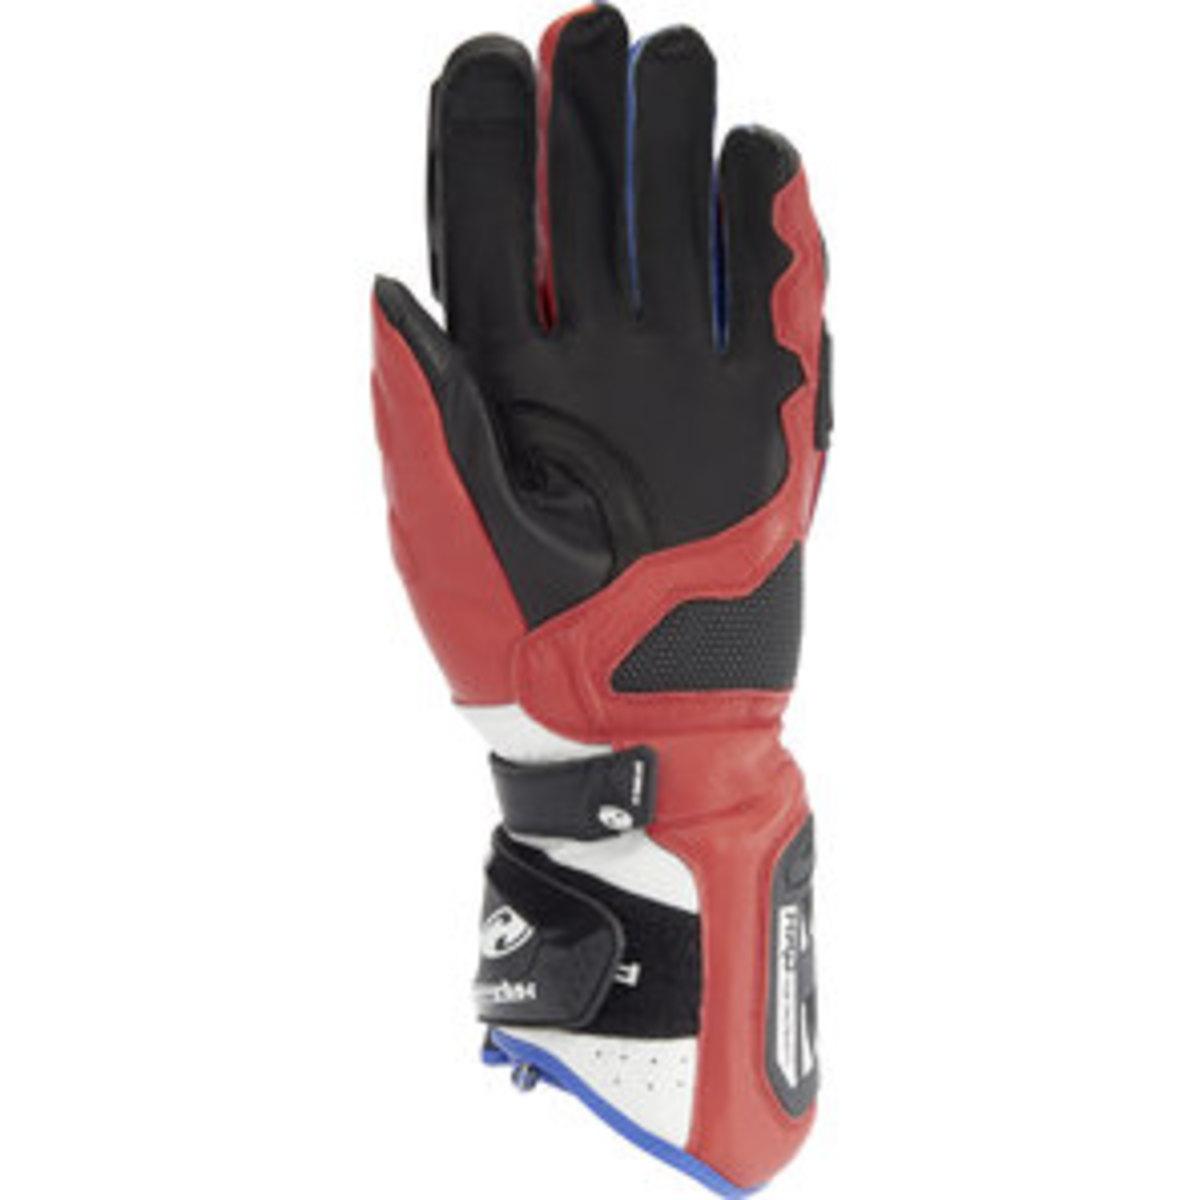 Bild 5 von Held 2823 Chikara        Handschuhe